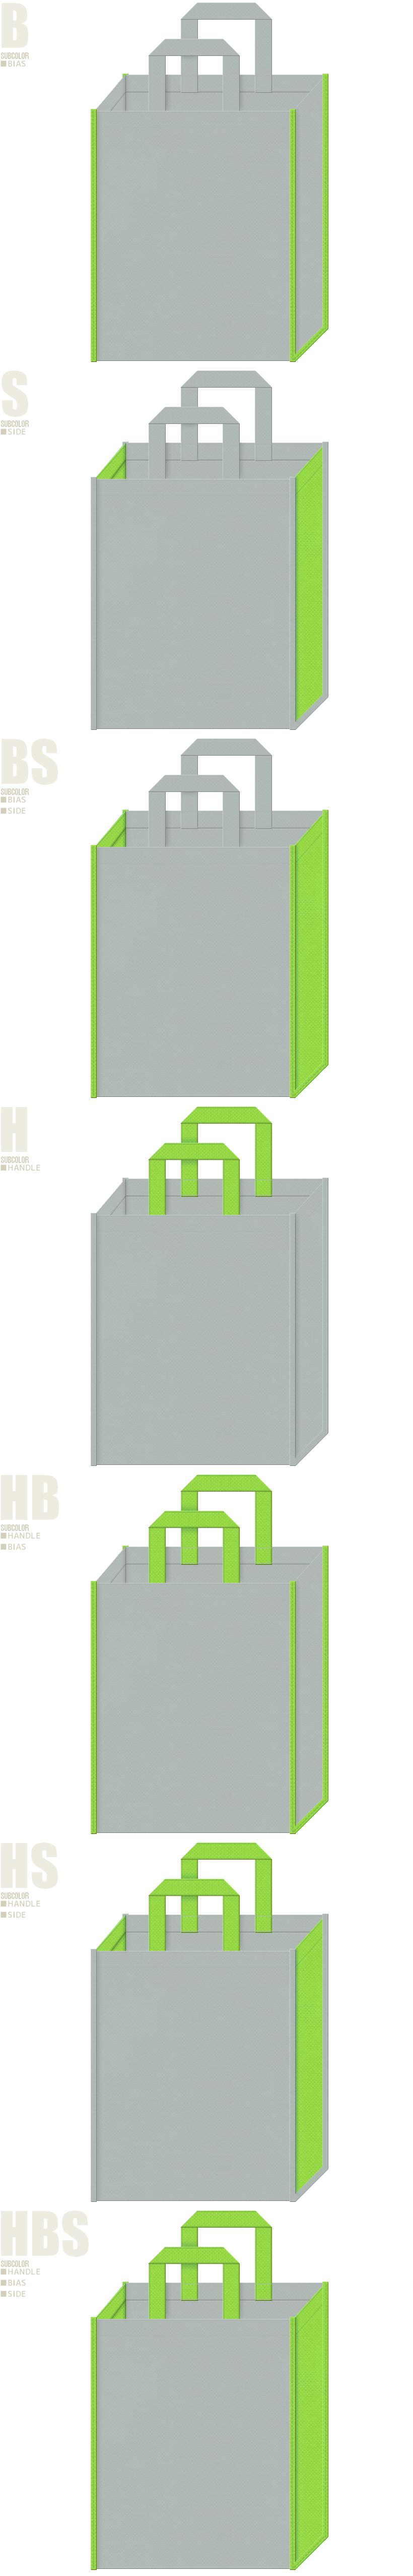 緑化地域・緑化イベント・緑化ブロック・CO2削減・屋上緑化・壁面緑化・建築・設計・エクステリアの展示会用バッグにお奨めの不織布バッグデザイン:グレー色と黄緑色の配色7パターン